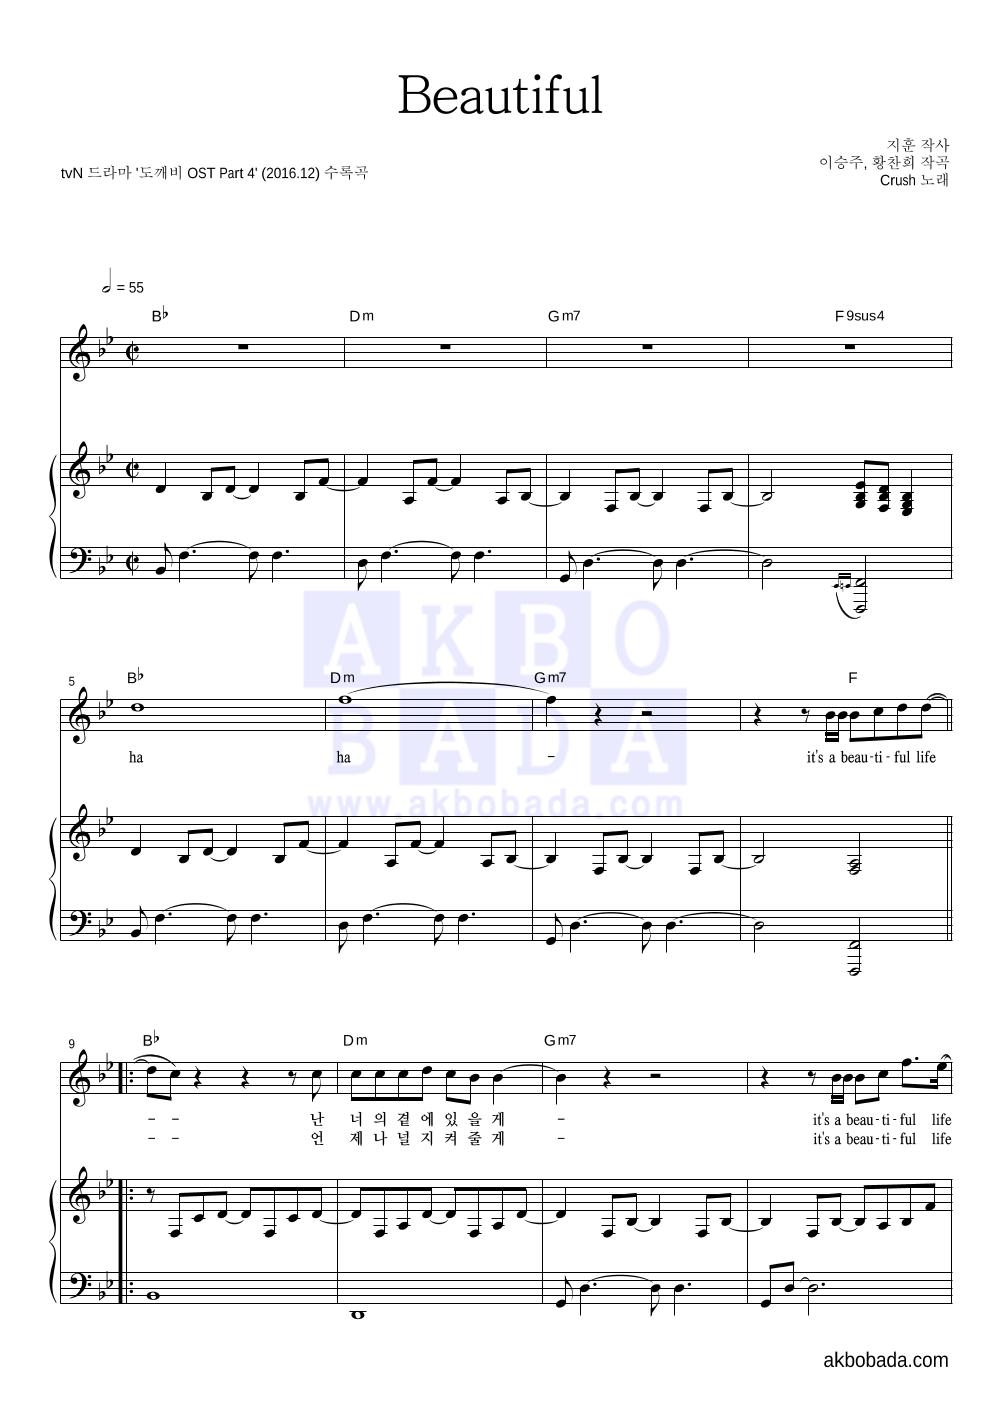 크러쉬 - Beautiful 피아노 3단 악보